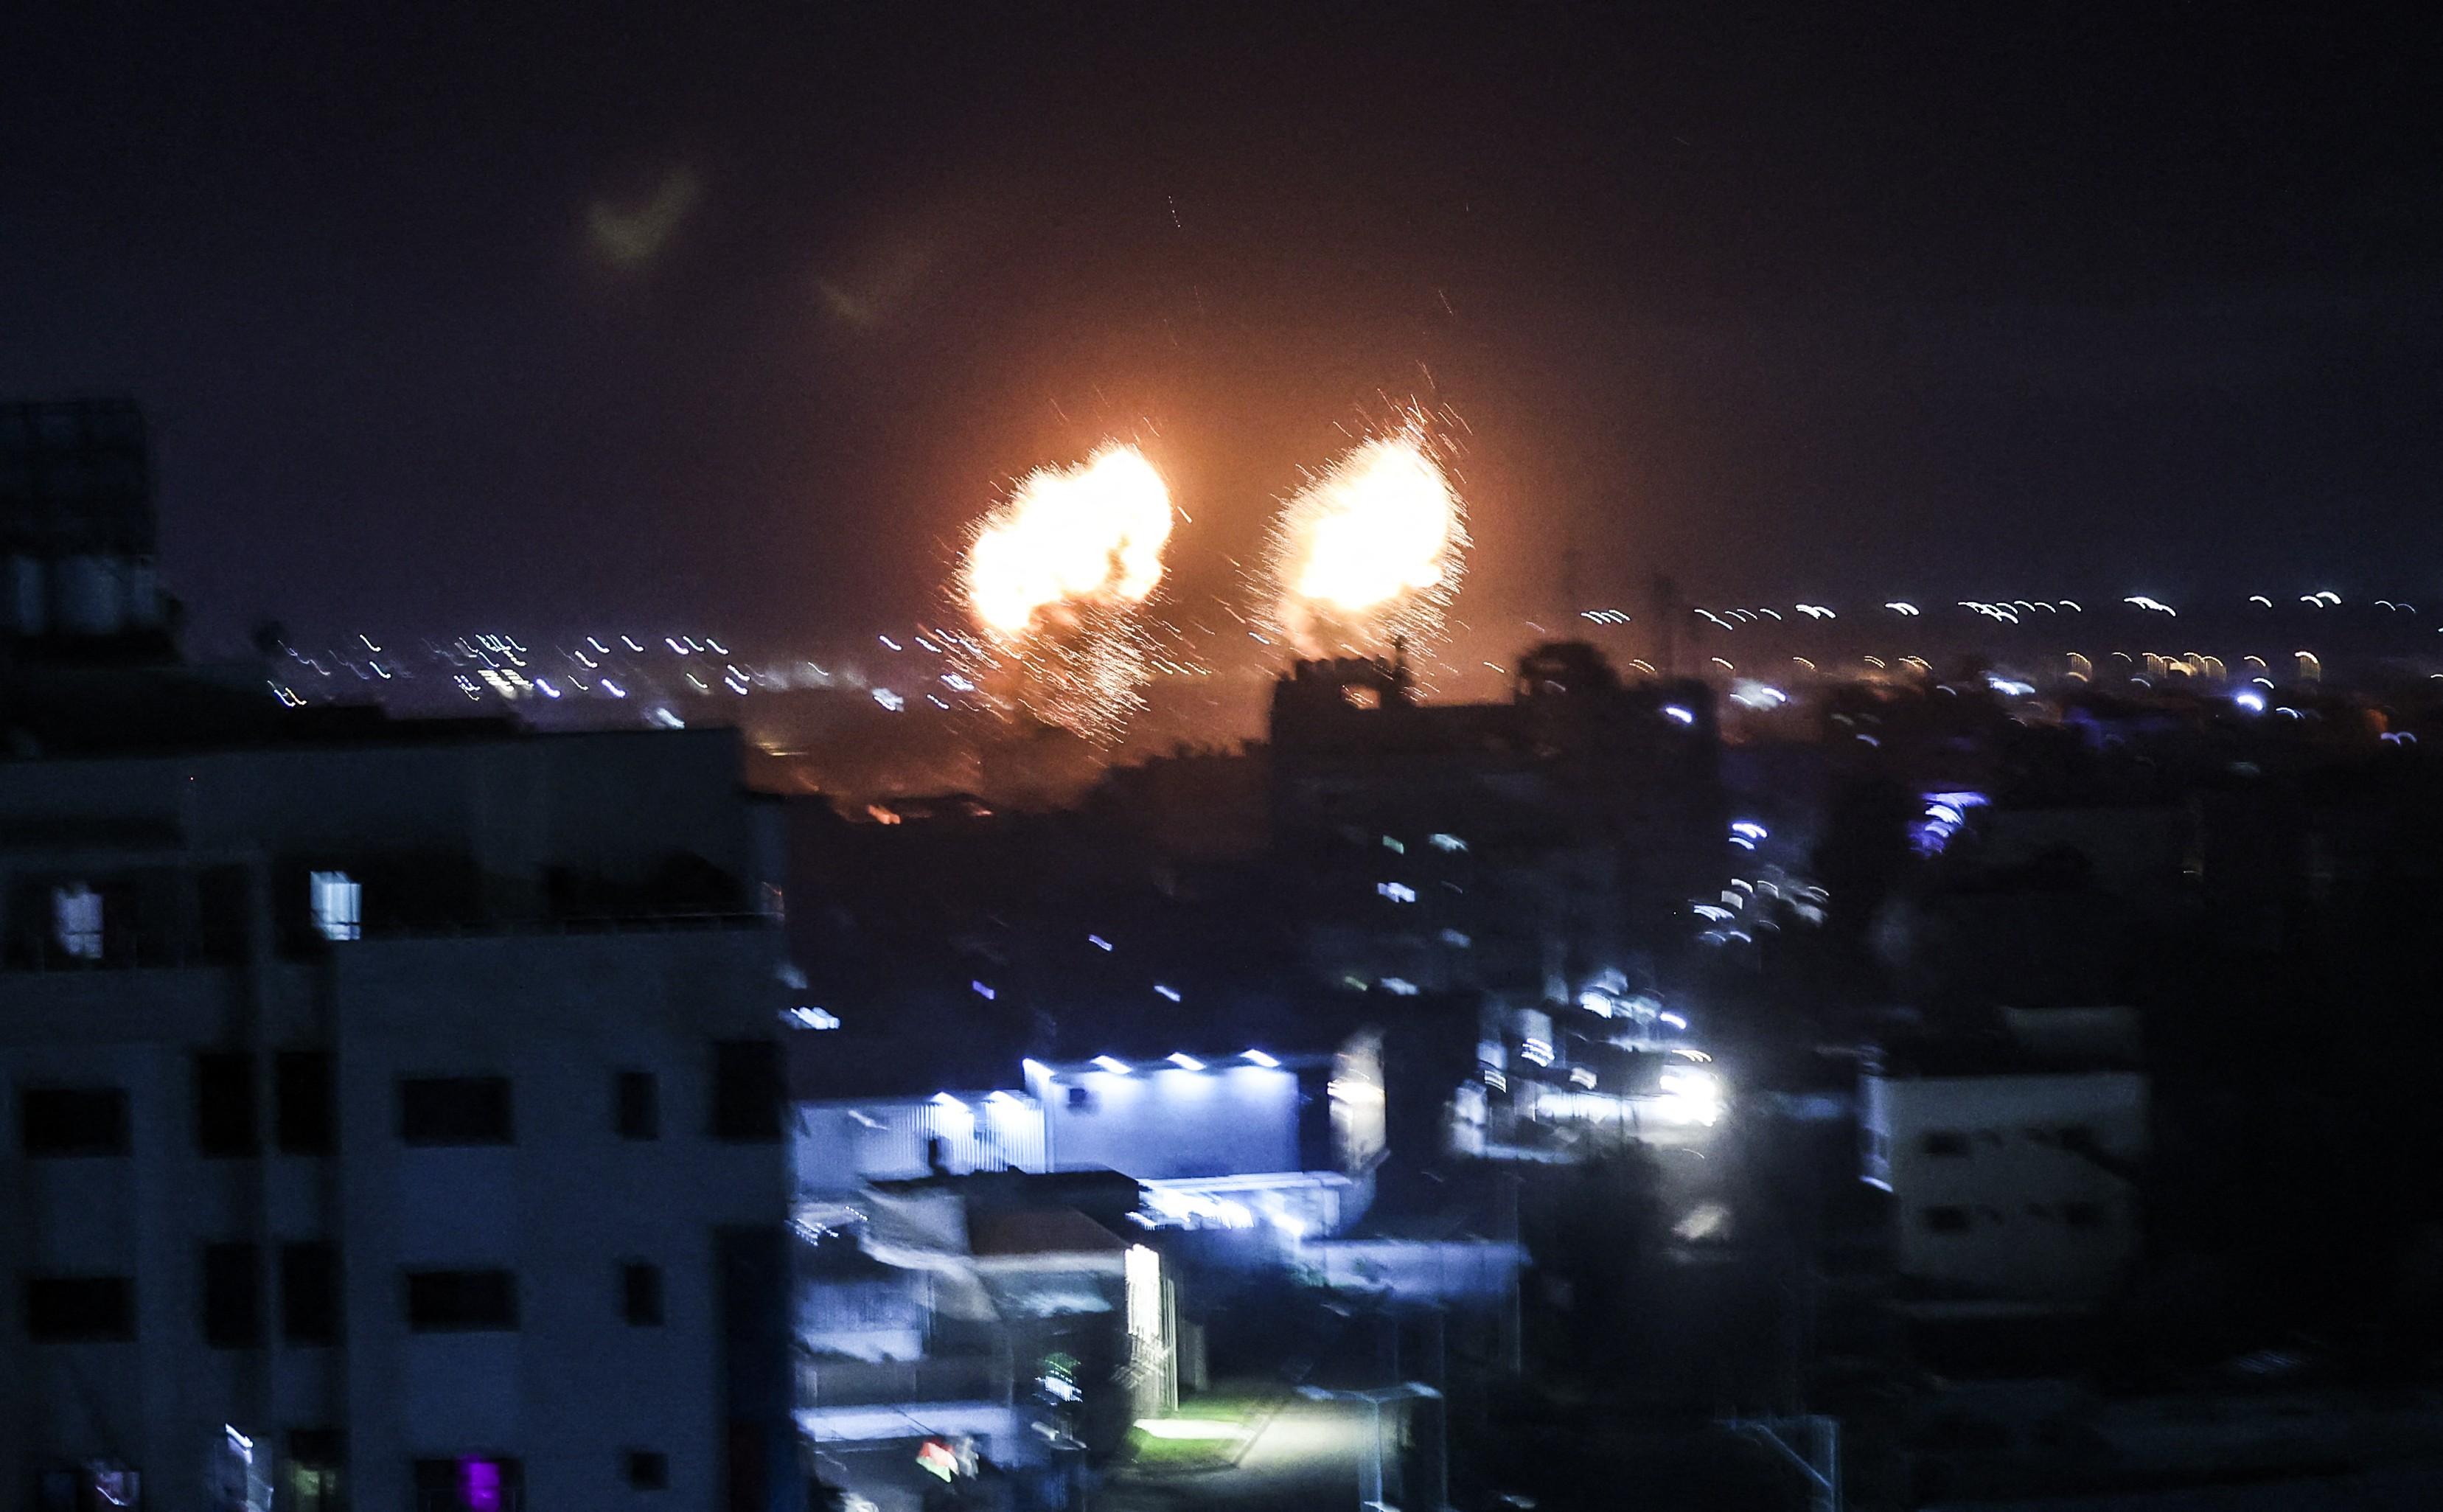 Faixa de Gaza registra novos bombardeios; Israel fala em retaliação contra bases do Hamas